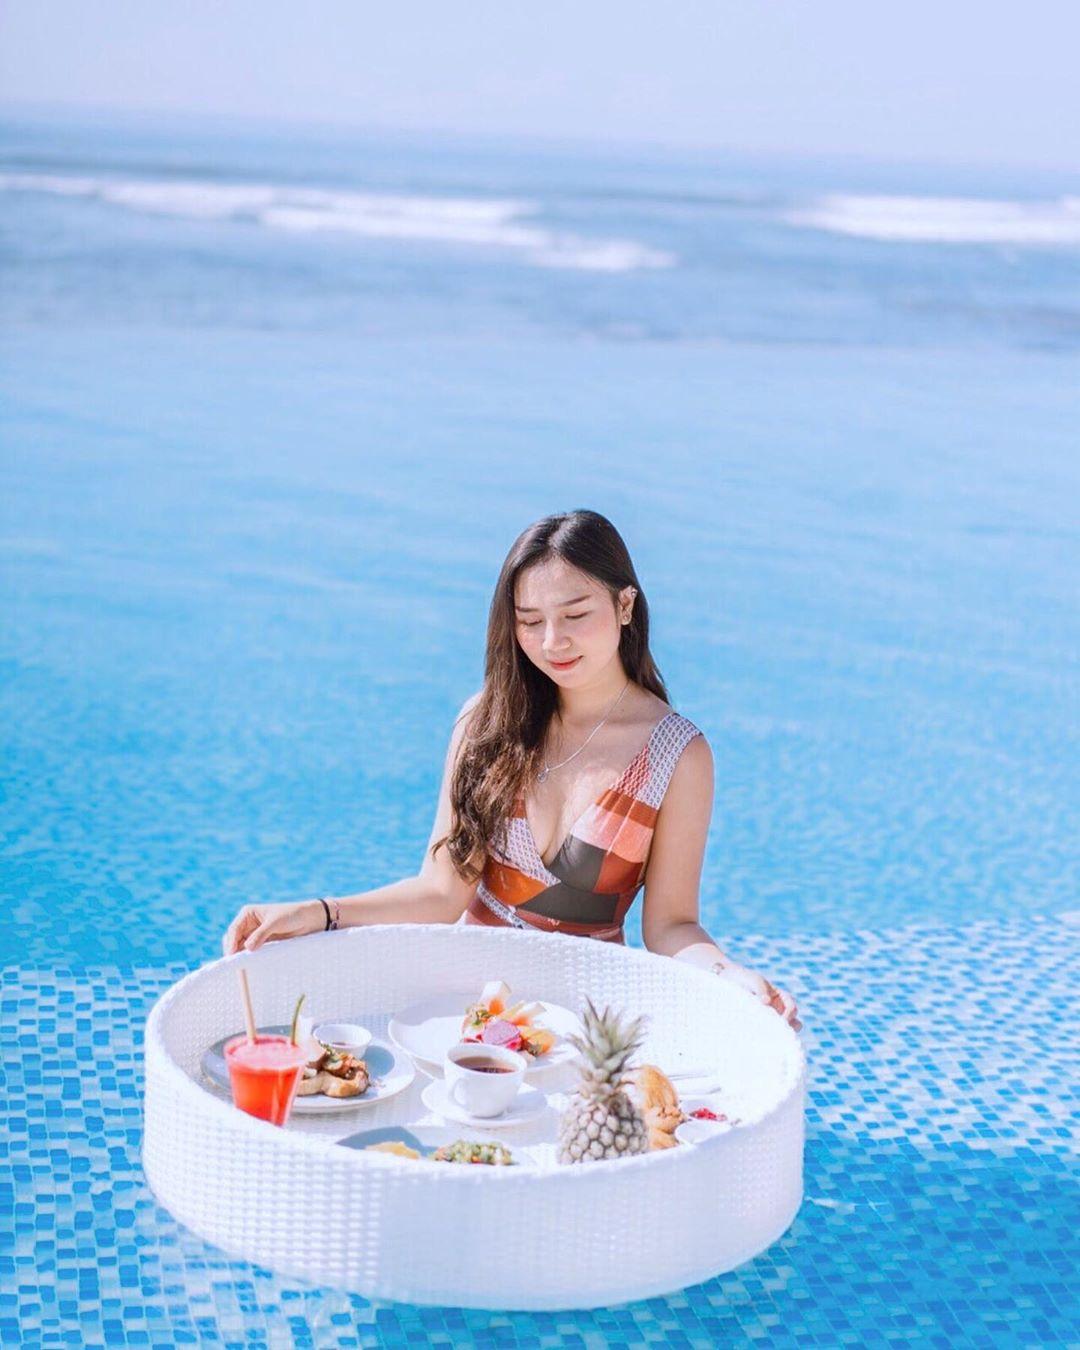 Apria Apriliani, Model dan Selebgram Cantik Asal Bali